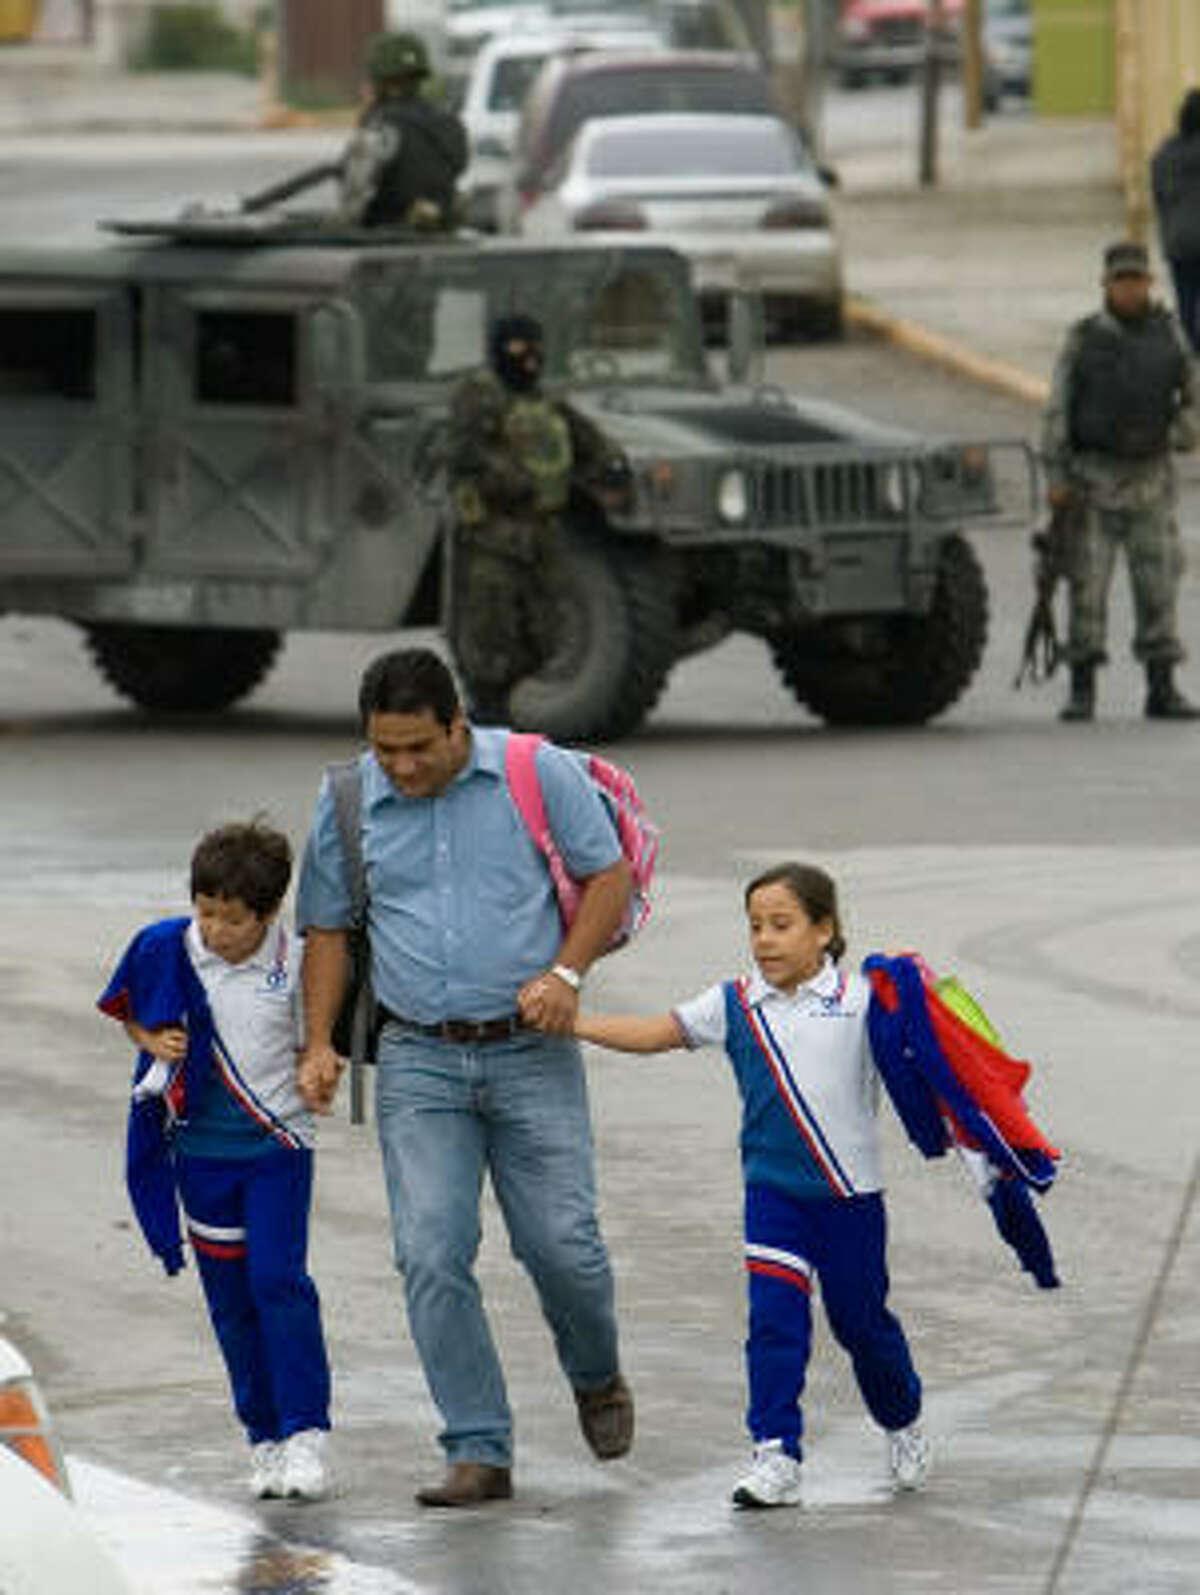 Un hombre busca un lugar seguro luego de buscar a dos niños de la escuela primaria Carrillo Puerto, cerca de donde fueron los enfrentamientos armados.